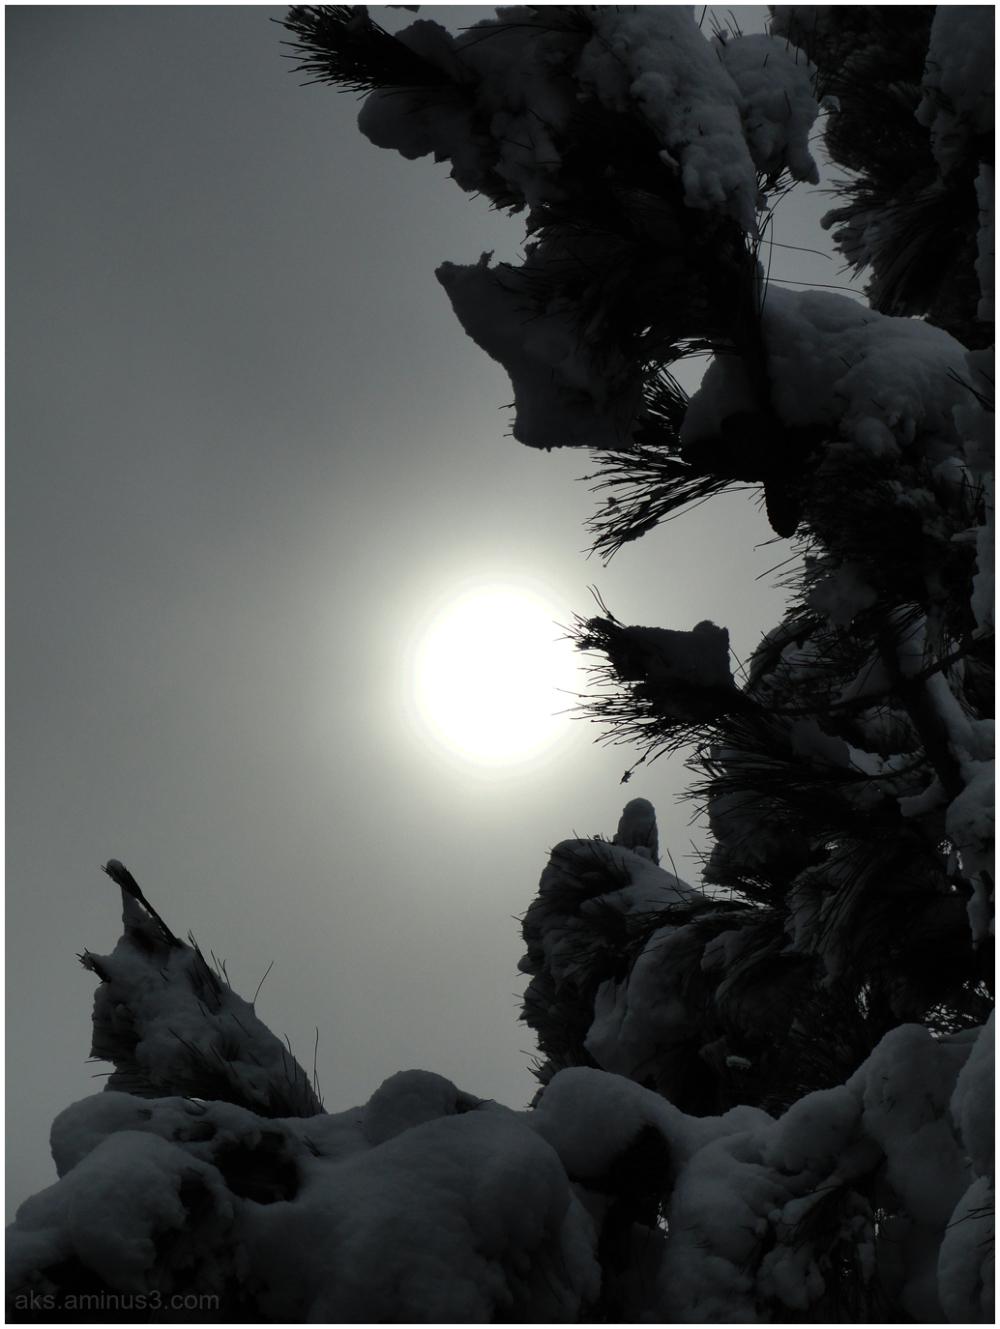 The sun behind the fog